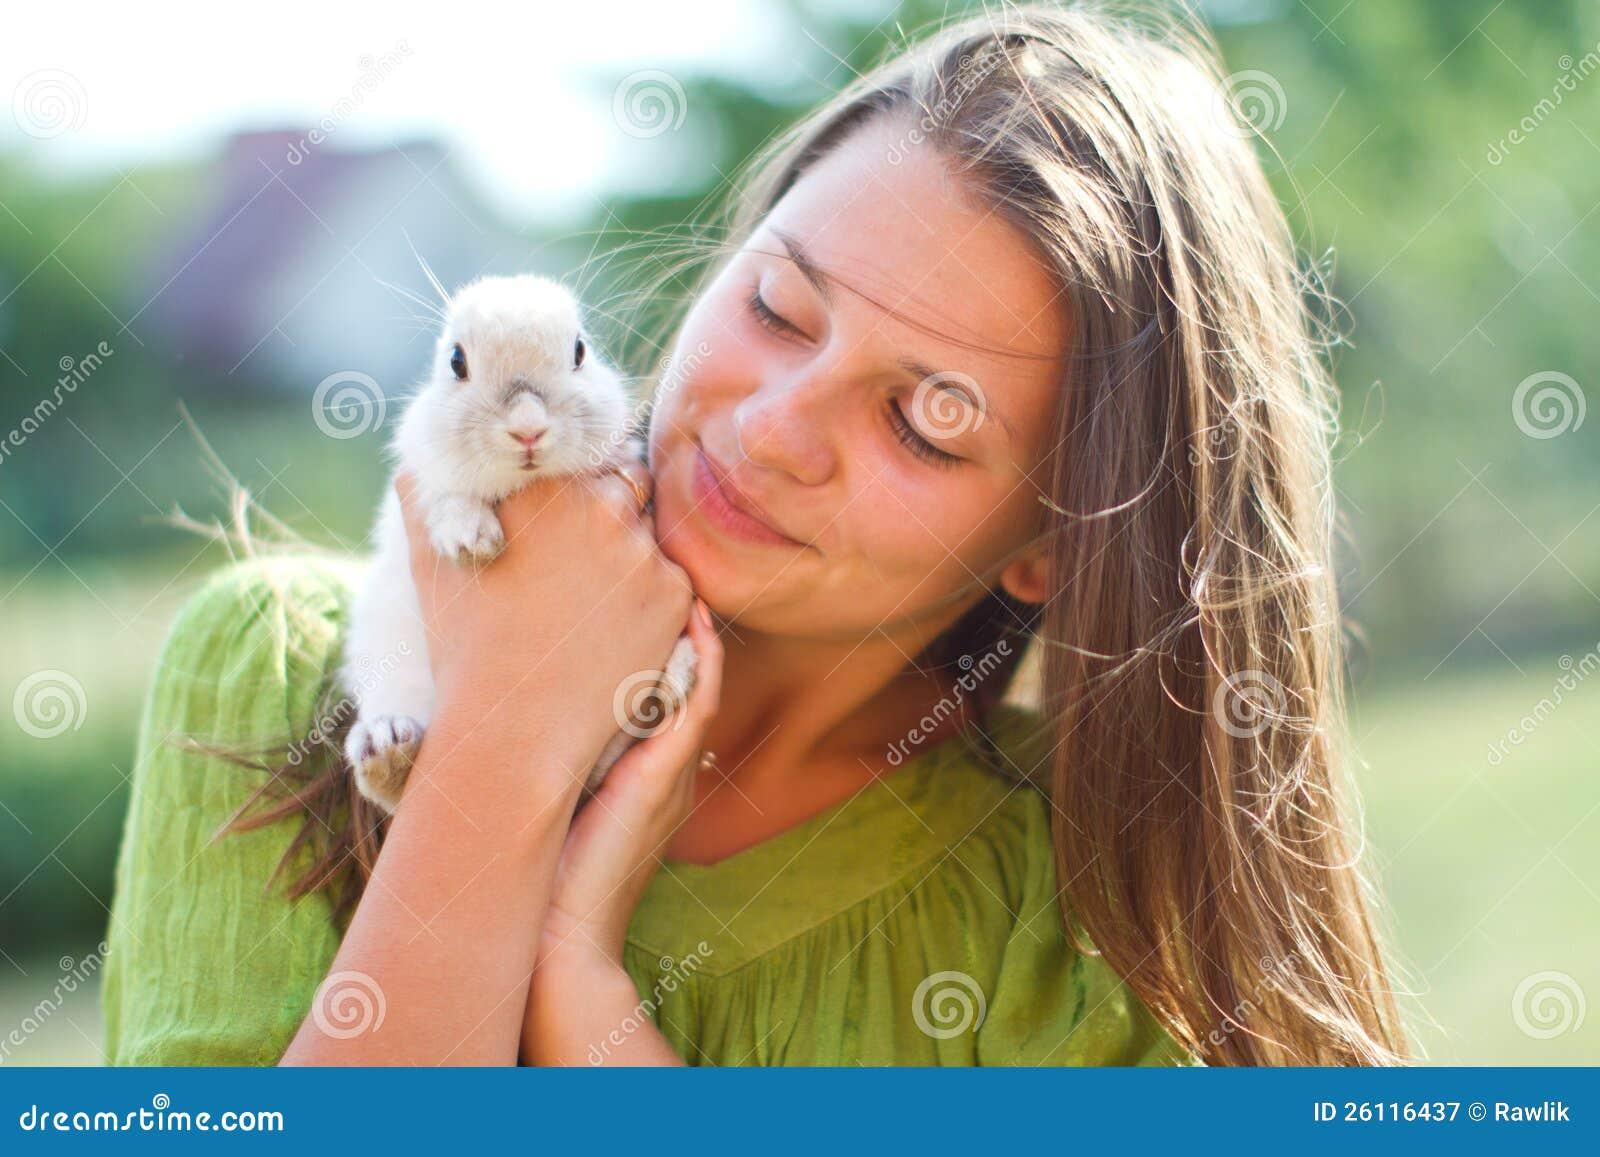 Glückliches Mädchen mit einem Kaninchen in ihren Armen